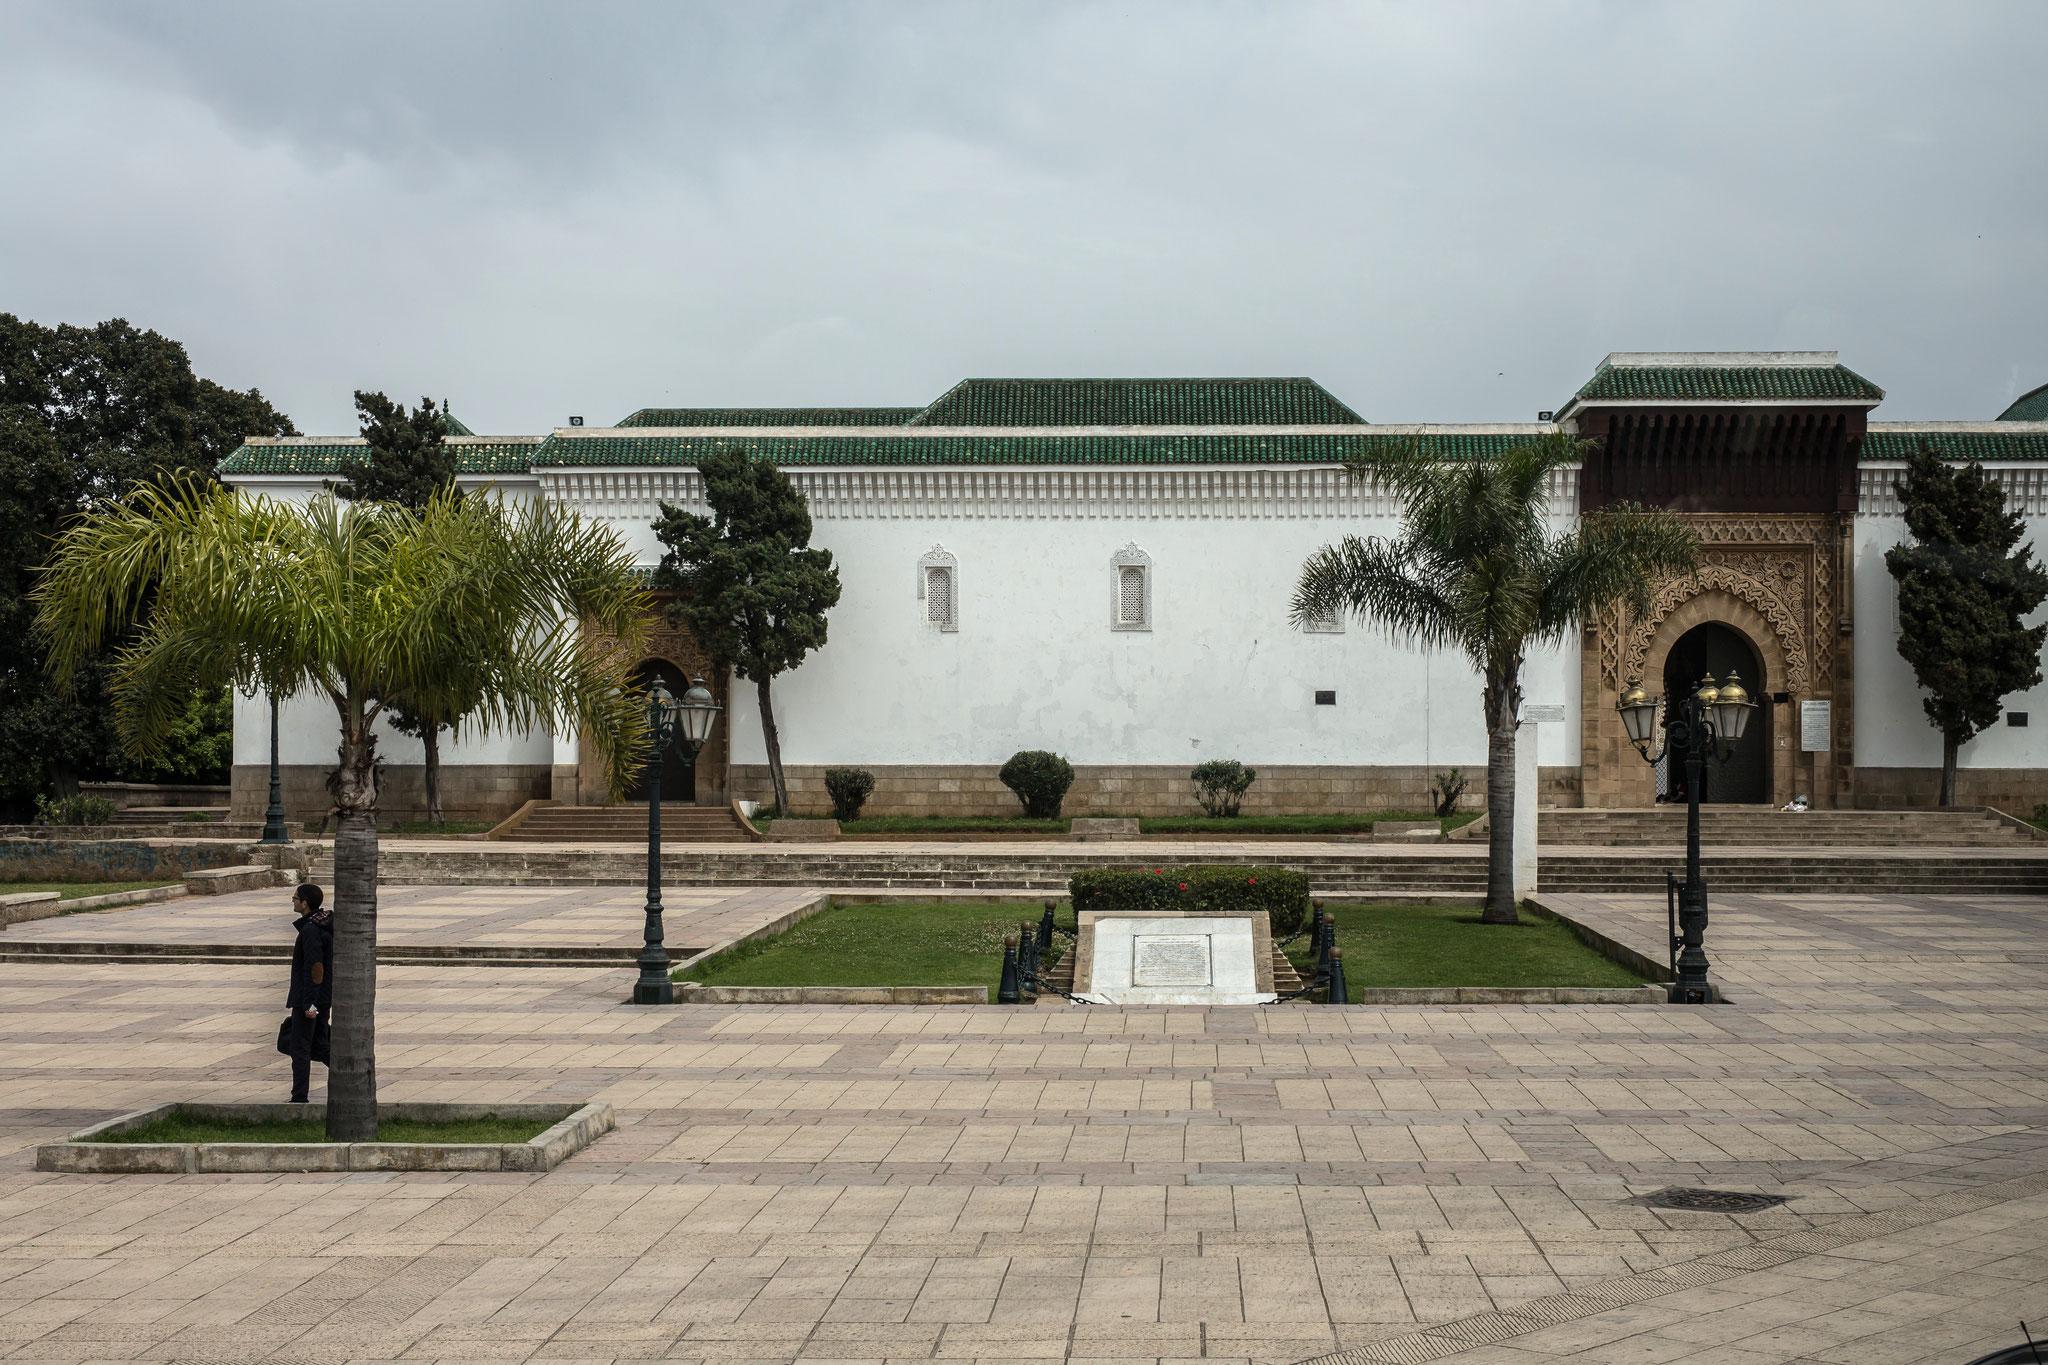 Rabat. Platz vor der Freitagsmoschee.